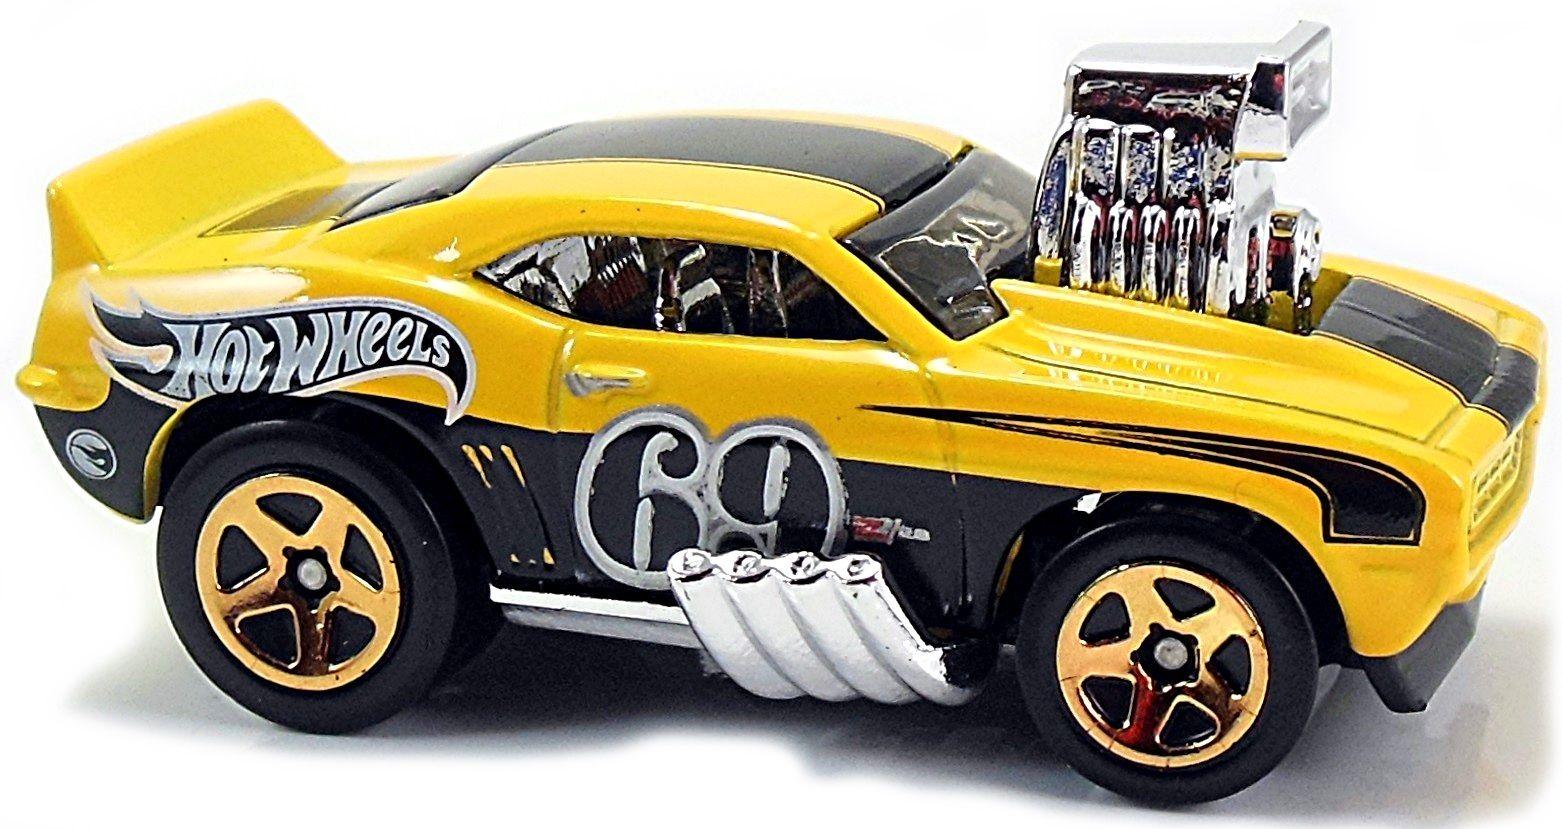 Hot Wheels Treasure Hunts 69 Camaro Z28 Dvd01 Adalah Hotwheels 85 Honda City Turbo Ii Hitam Pada Tahun 2017 Dan 3 10 Di Seri Tooned Mobil Berwarna Kuning Ini Memiliki